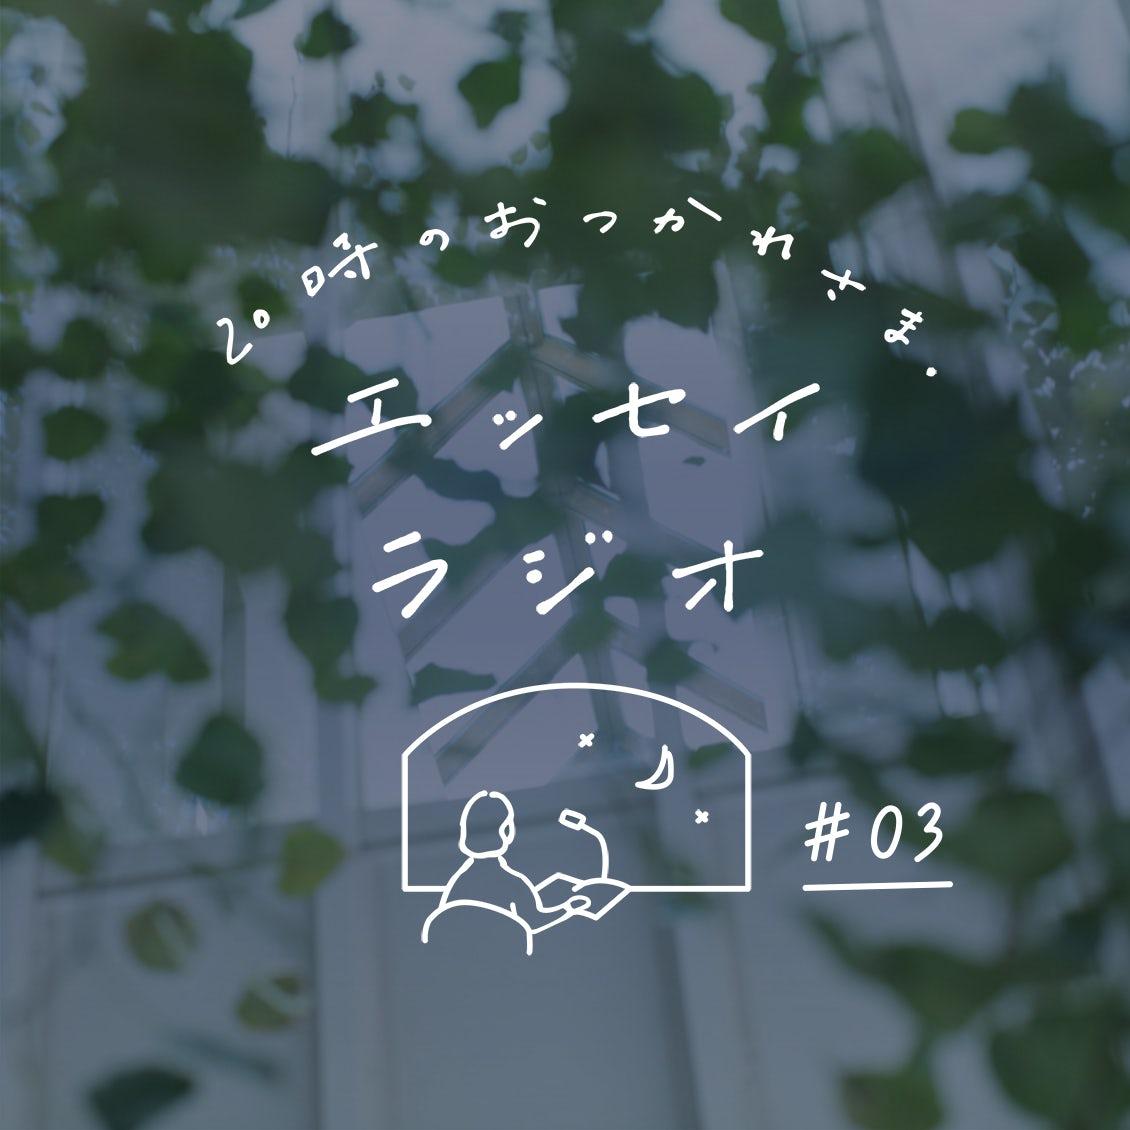 【エッセイラジオ】第3夜:引田かおりさんのエッセイ「むかしむかし」(読み手:スタッフ寿山)